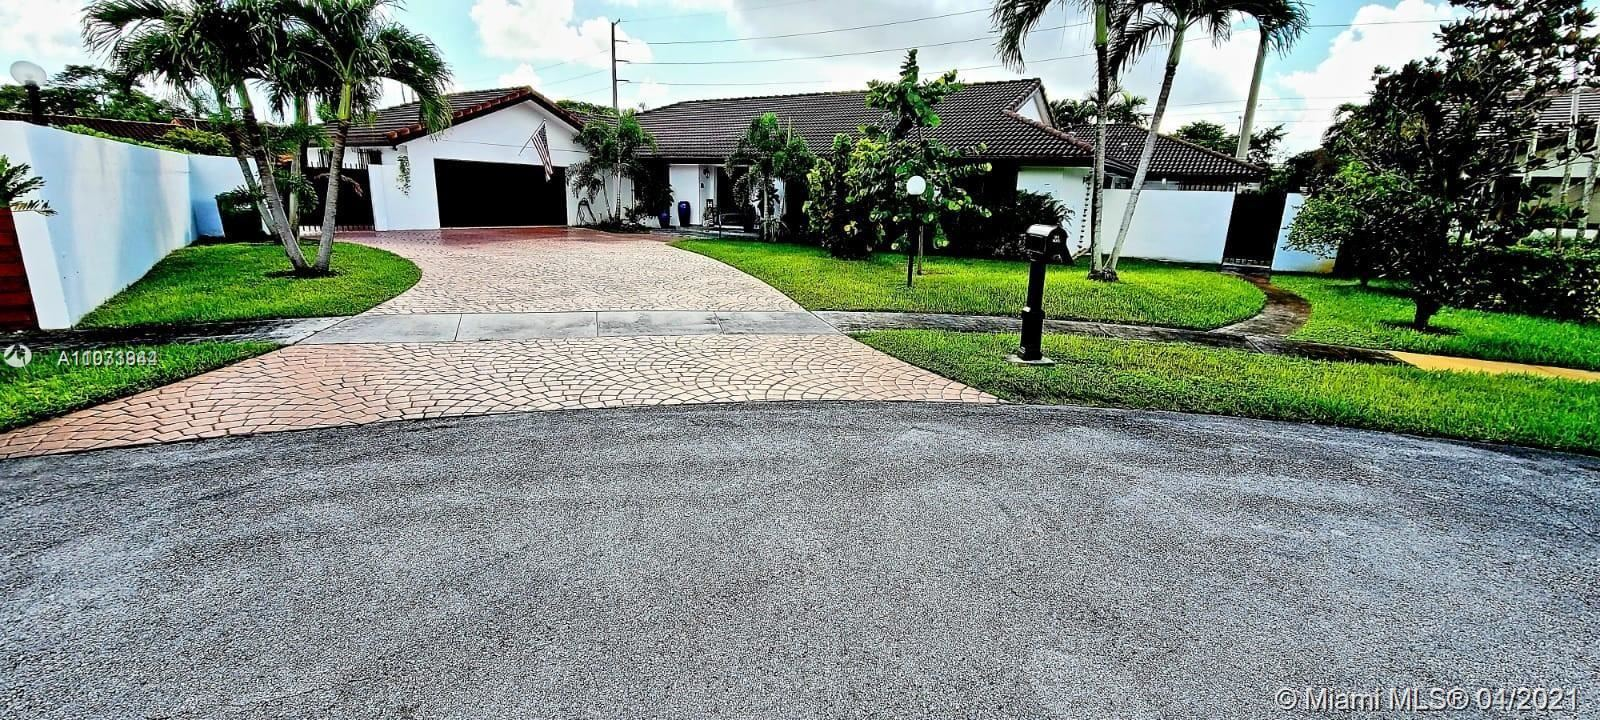 9220 SW 71st St, Miami, FL 33173 - #: A11033944